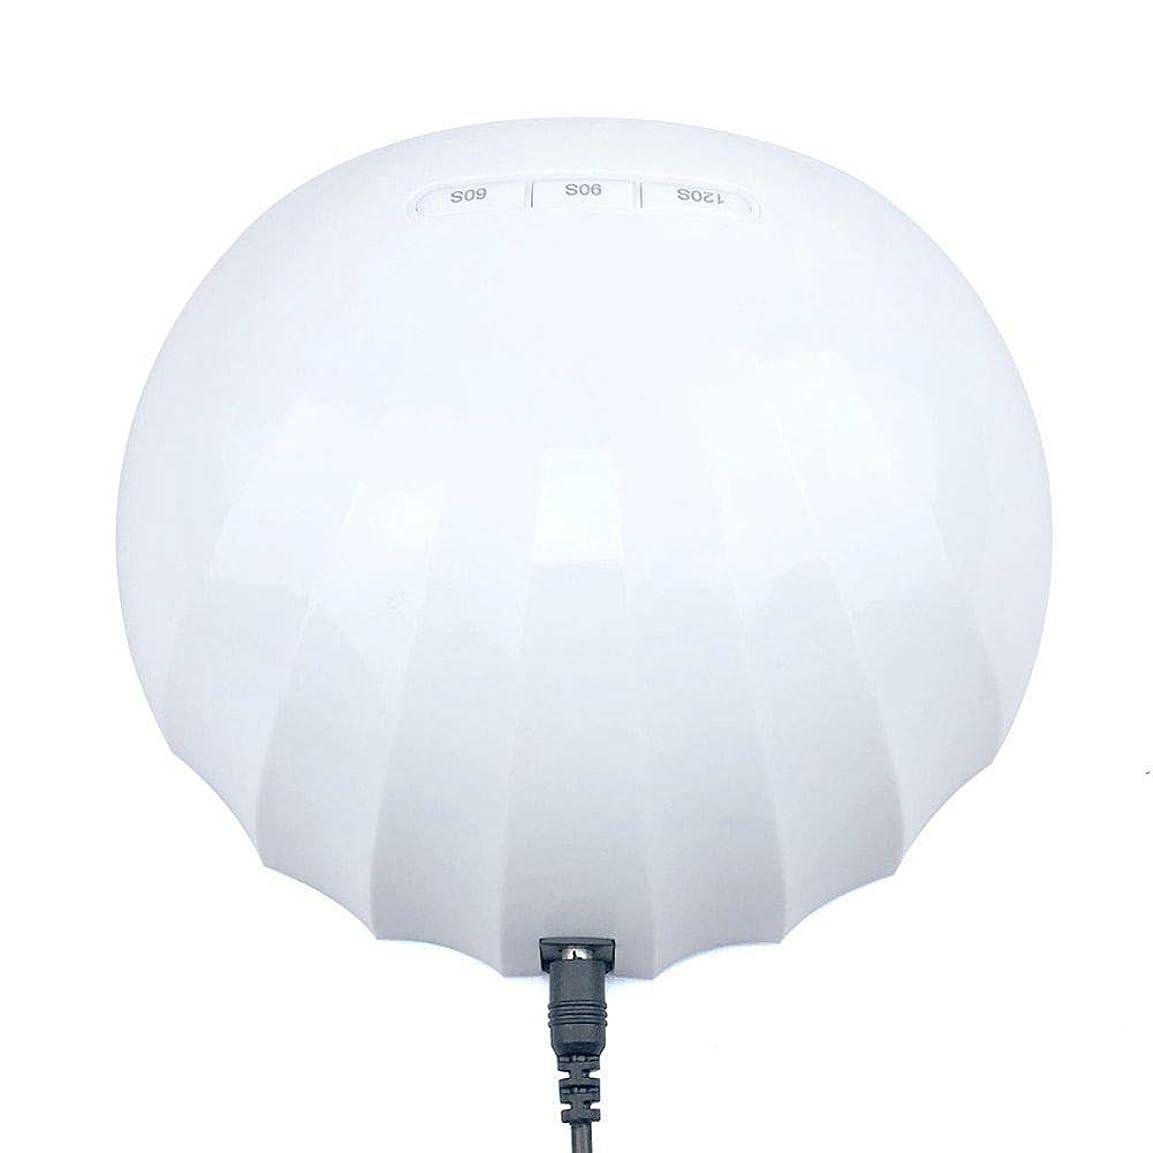 ネイルドライヤー36ワットuvライトネイルドライヤー太陽ledランプネイル用ゲルポリッシュ硬化ダブルパワーネイルアートツール、画像としての色